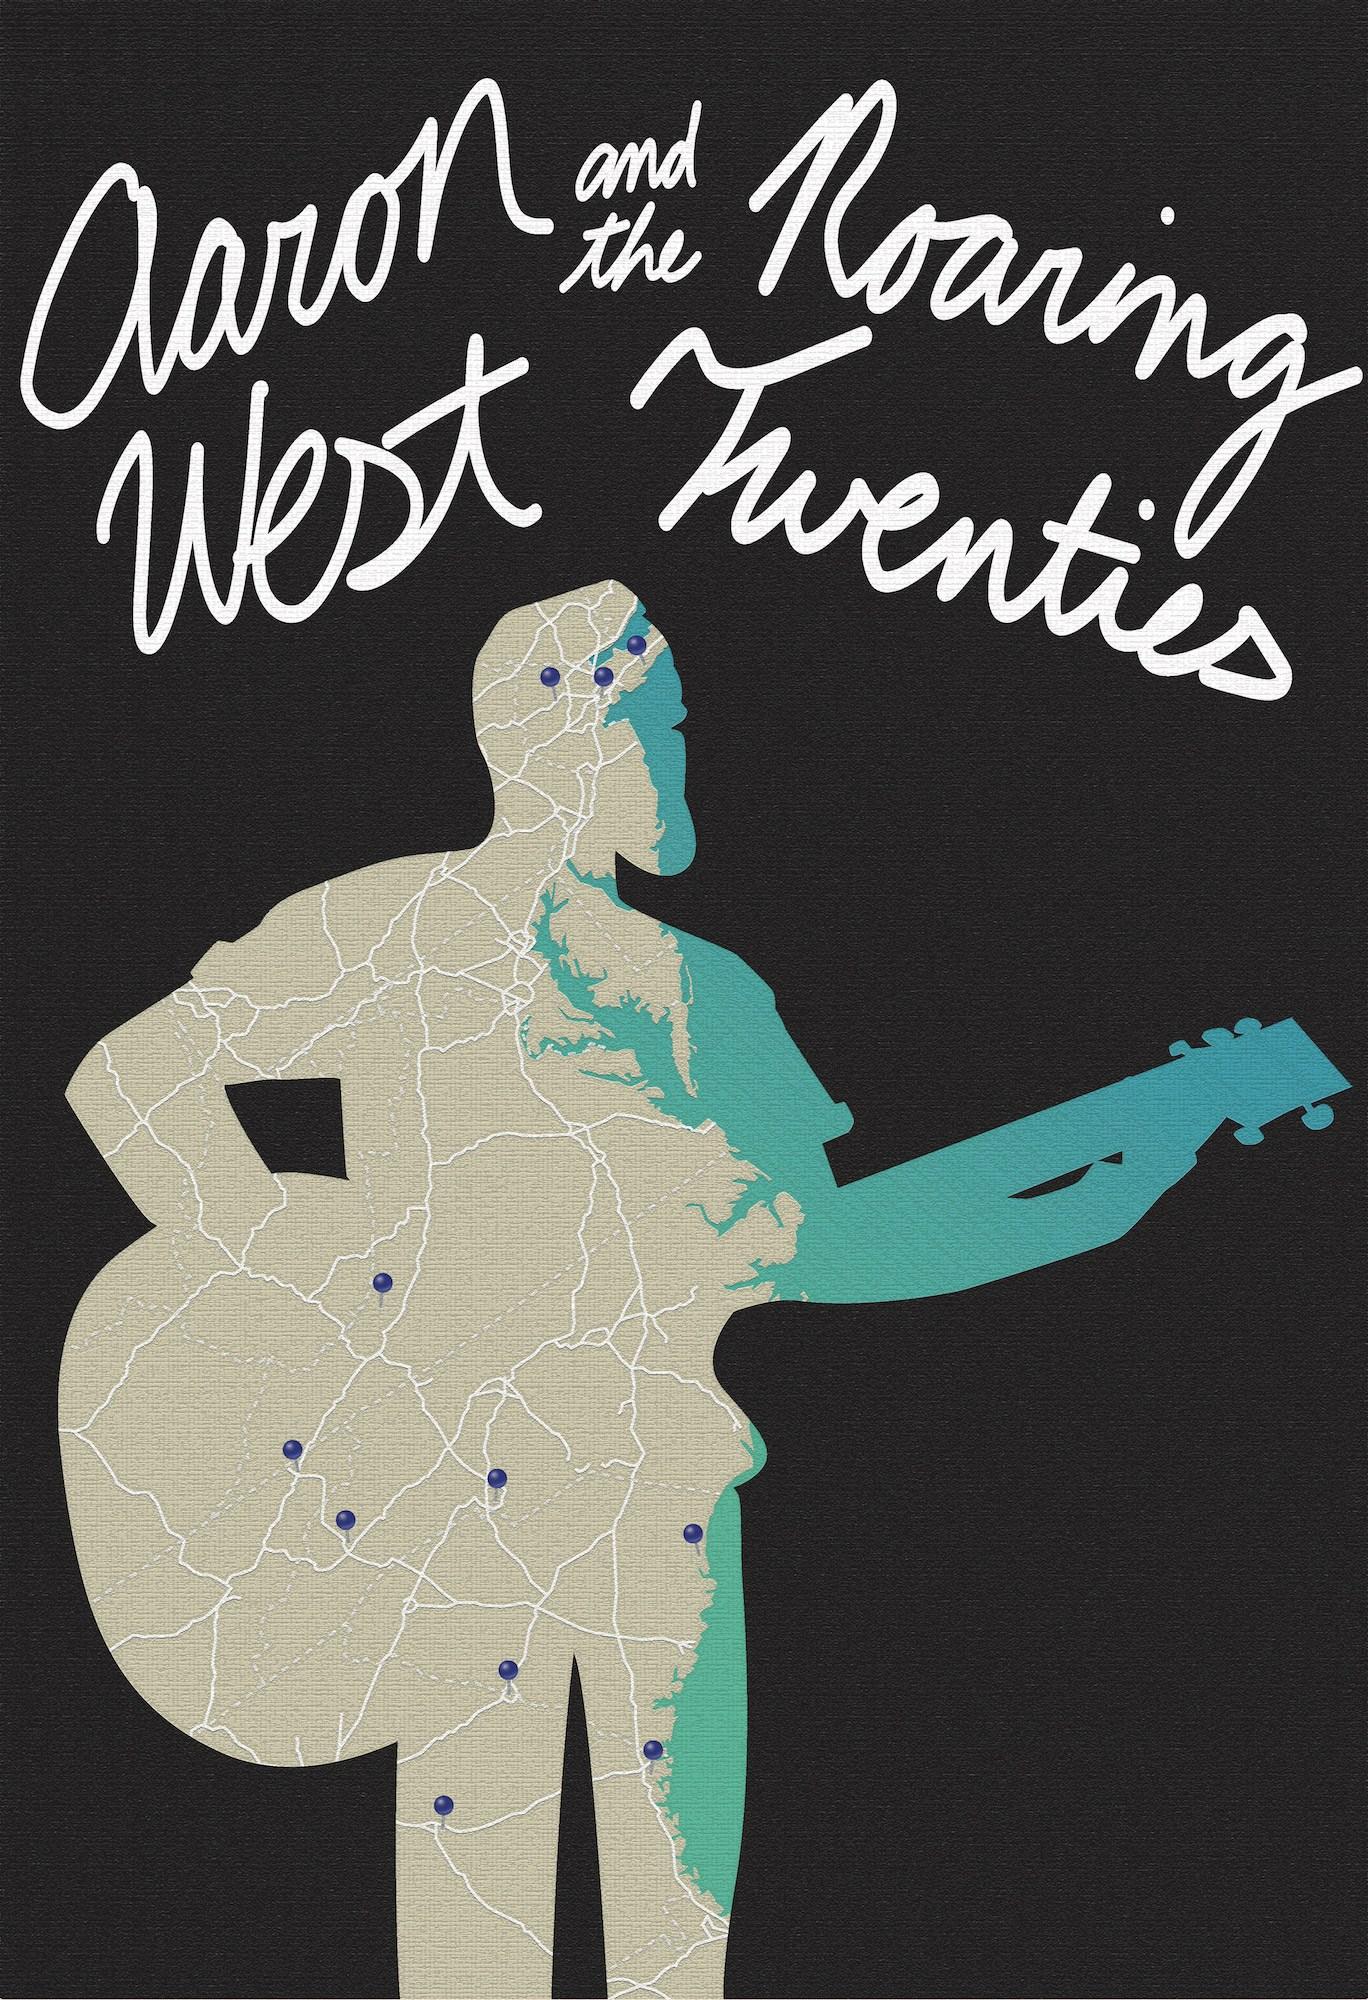 Aaron West & the Roaring Twenties Poster